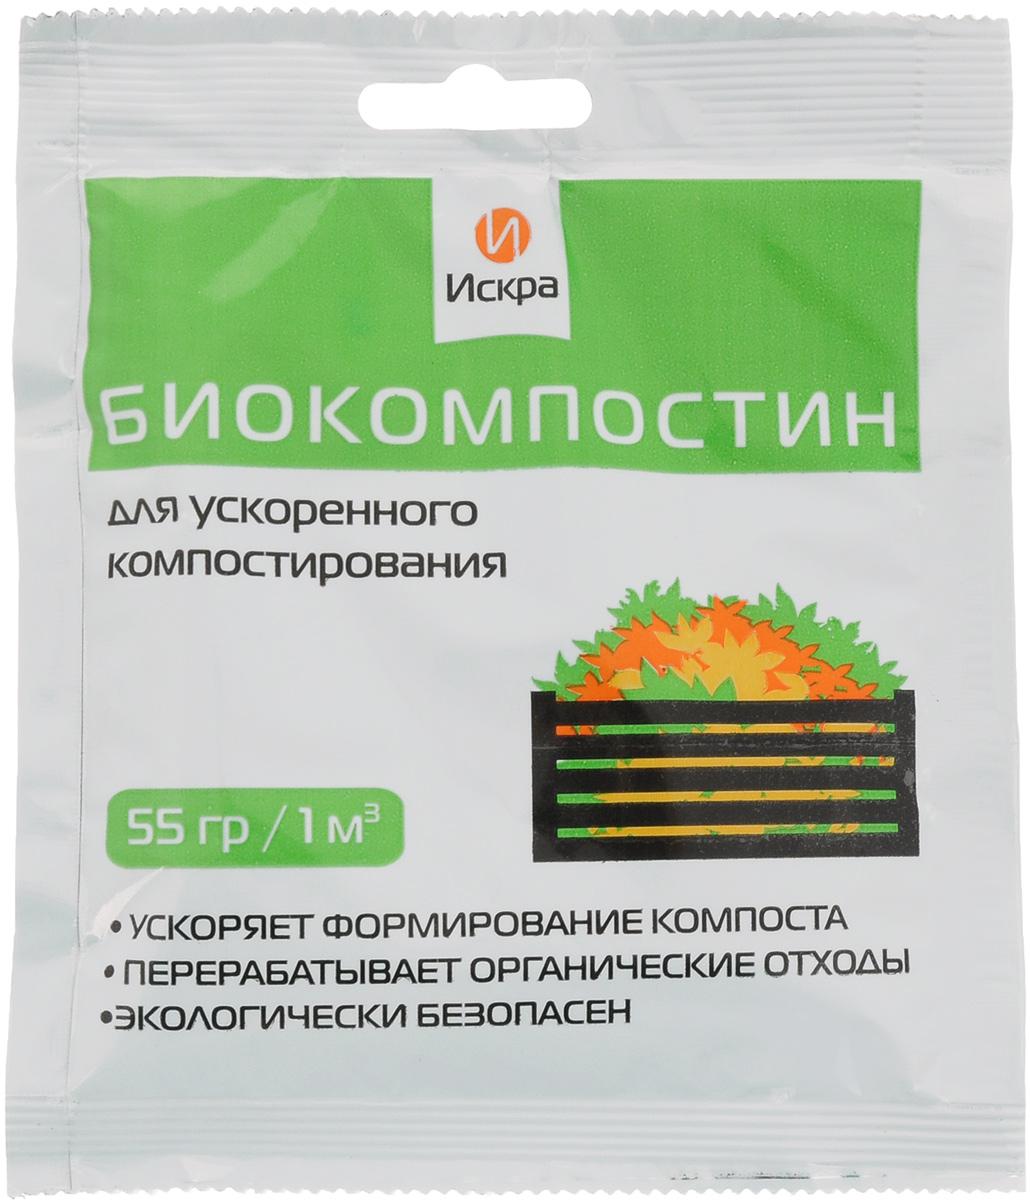 Биокомпостин Искра, 55 гКИ-55Биокомпостин - это биологическая система, позволяющая переработатьсадовые органичесткие отходы в компост, Они разработаны на основе почвенных бактерий и экологически безопасна для окружающей среды